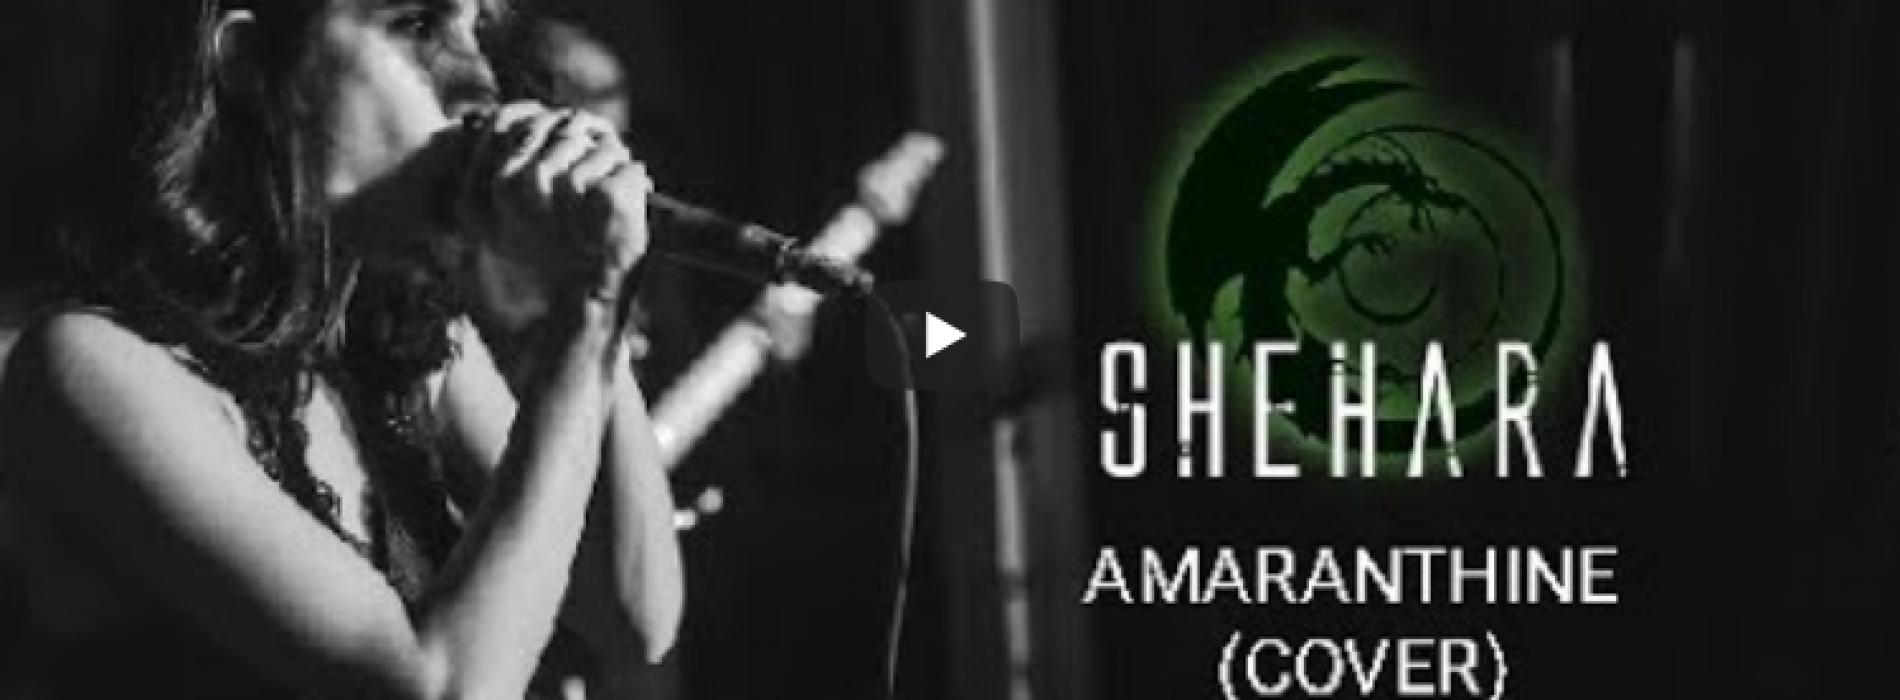 Amaranthine – Amaranthe cover by Shehara